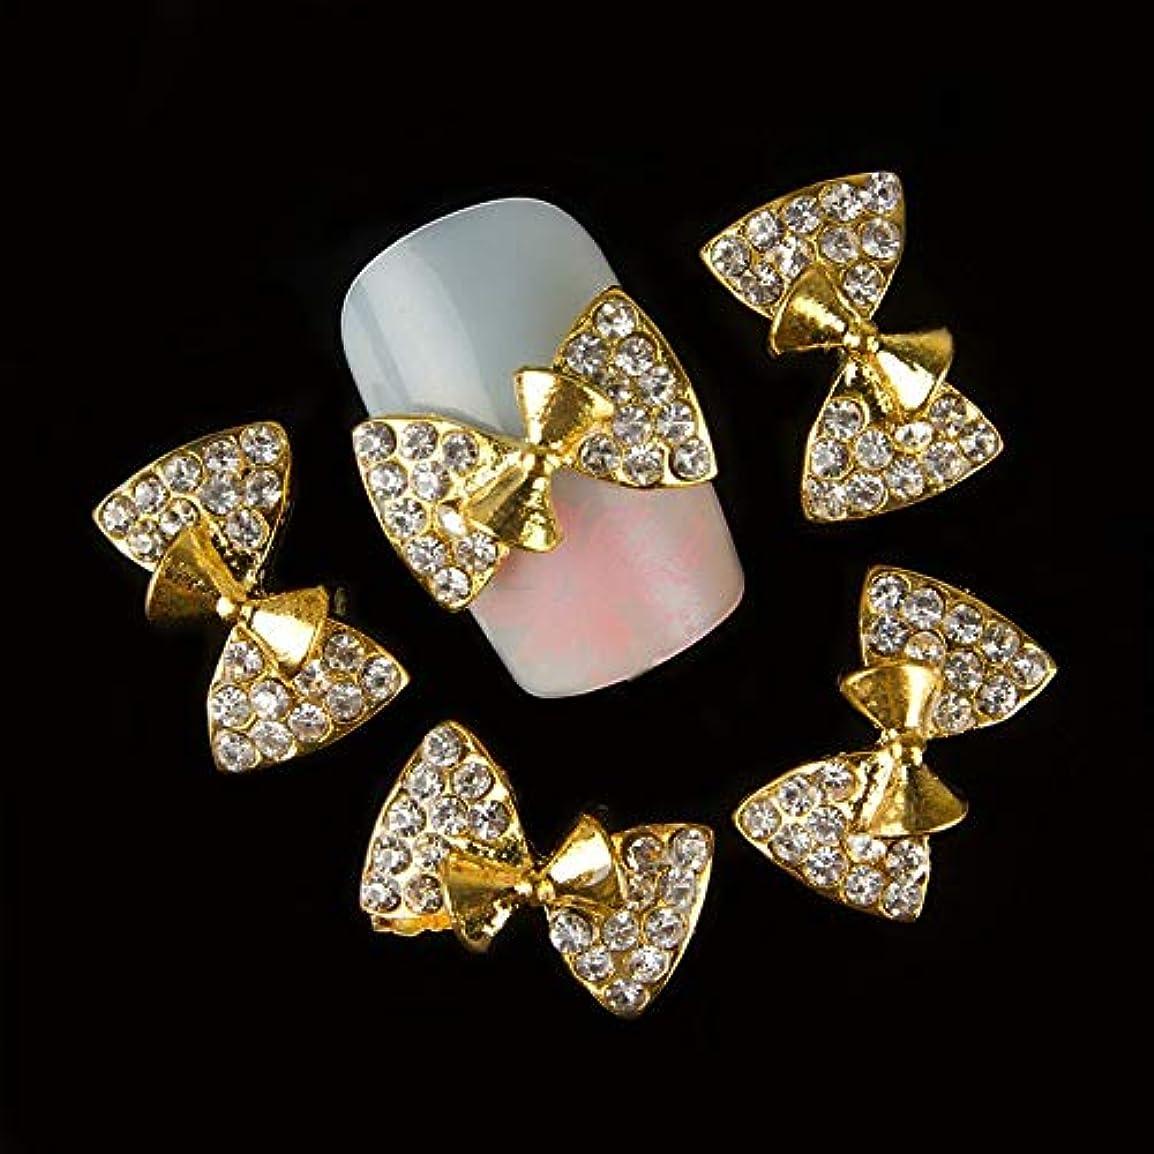 フォアマンモットーの中で10個入りの3Dゴールドネイル合金デコレーションボウデザイングリッターラインストーンネイルアートのヒントステッカー